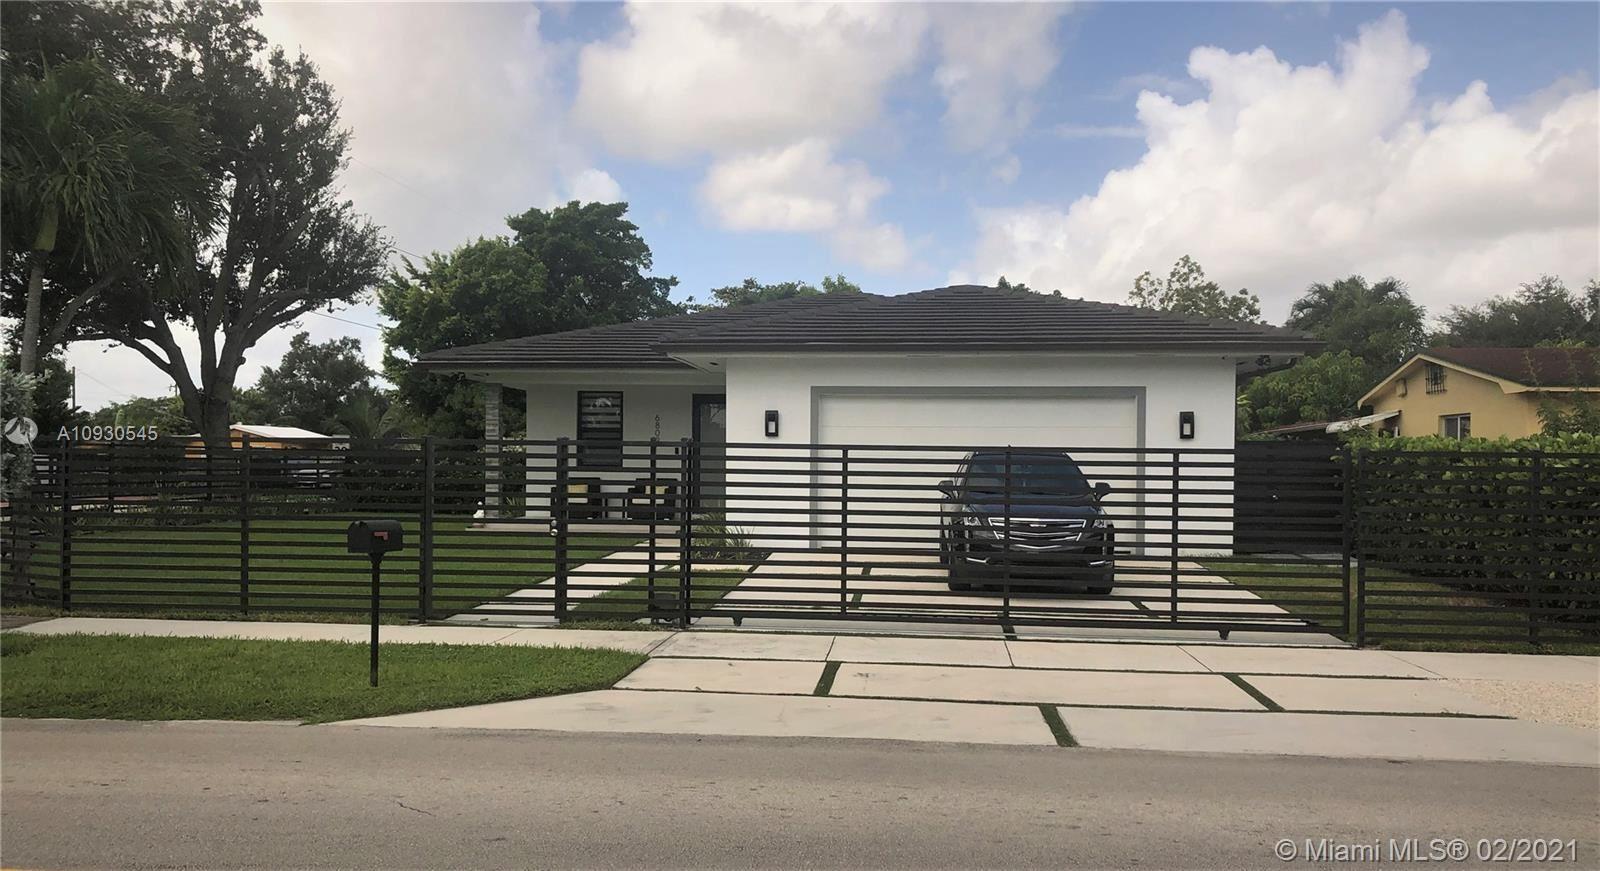 6809 SW 12 St, Miami, FL 33144 - #: A10930545